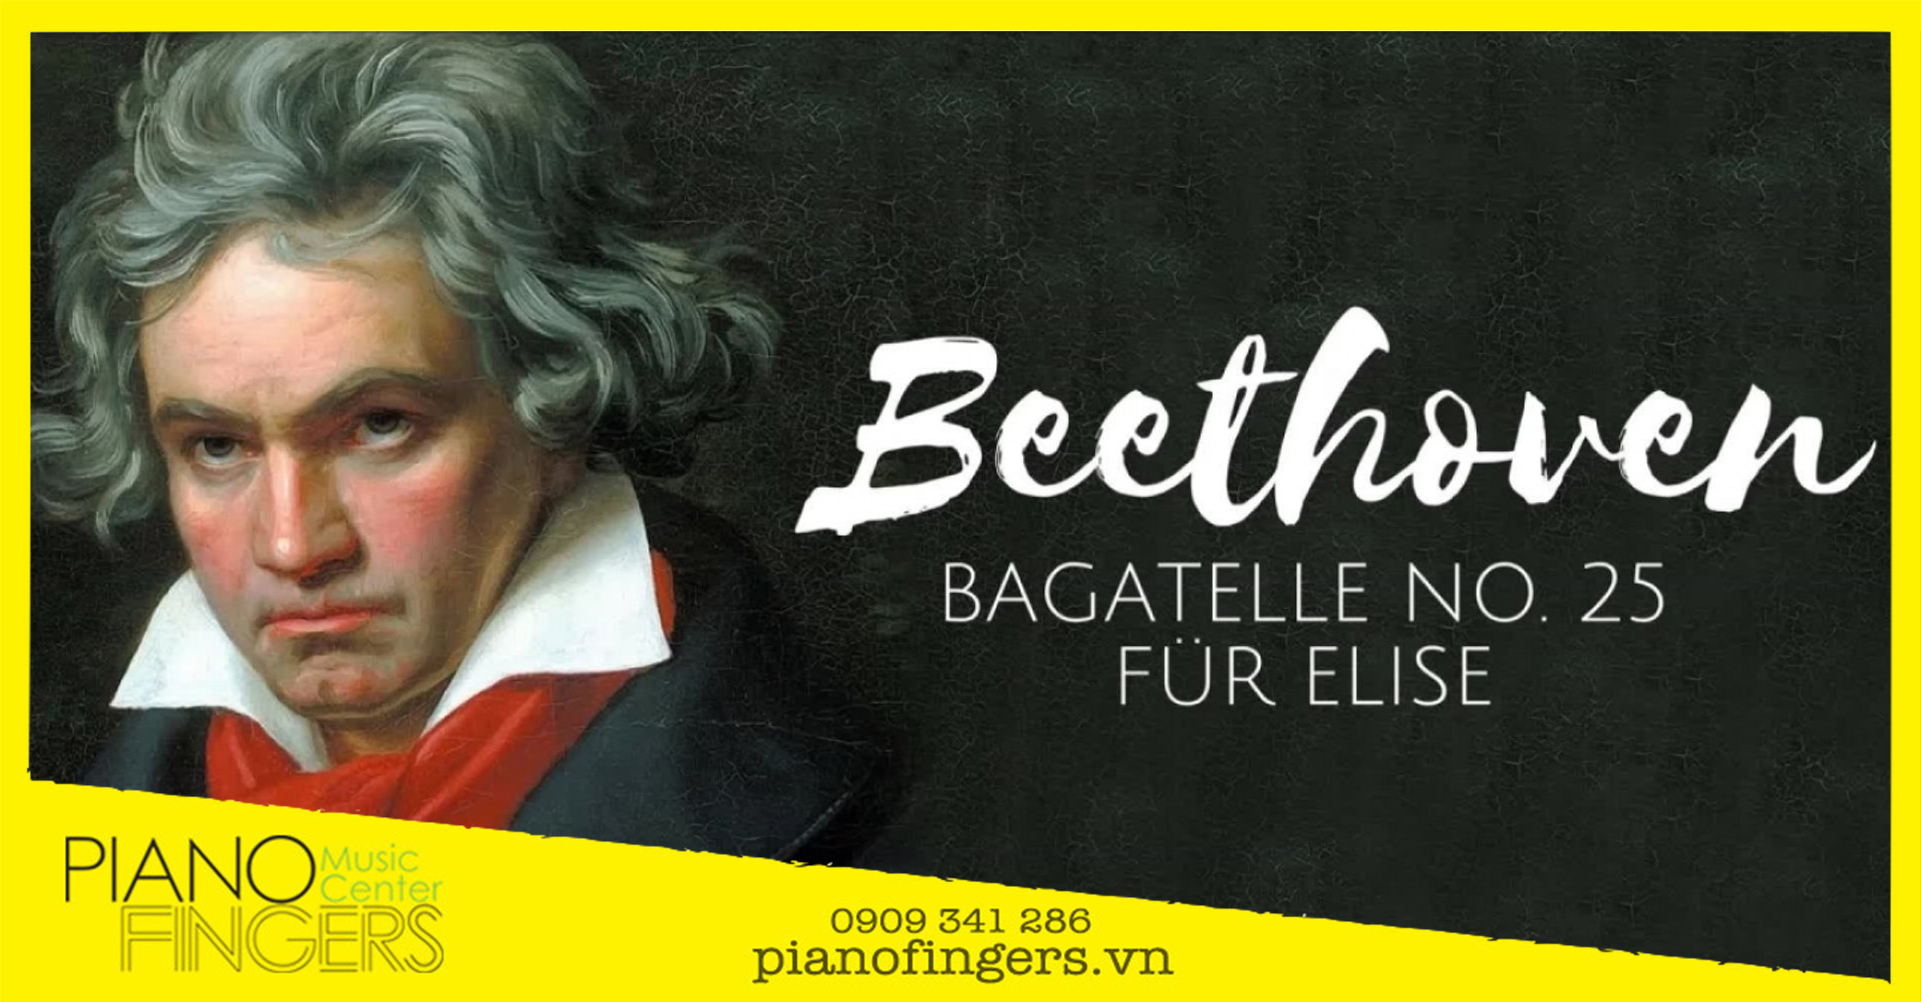 sheet-piano-fur-elise-beethoven-1